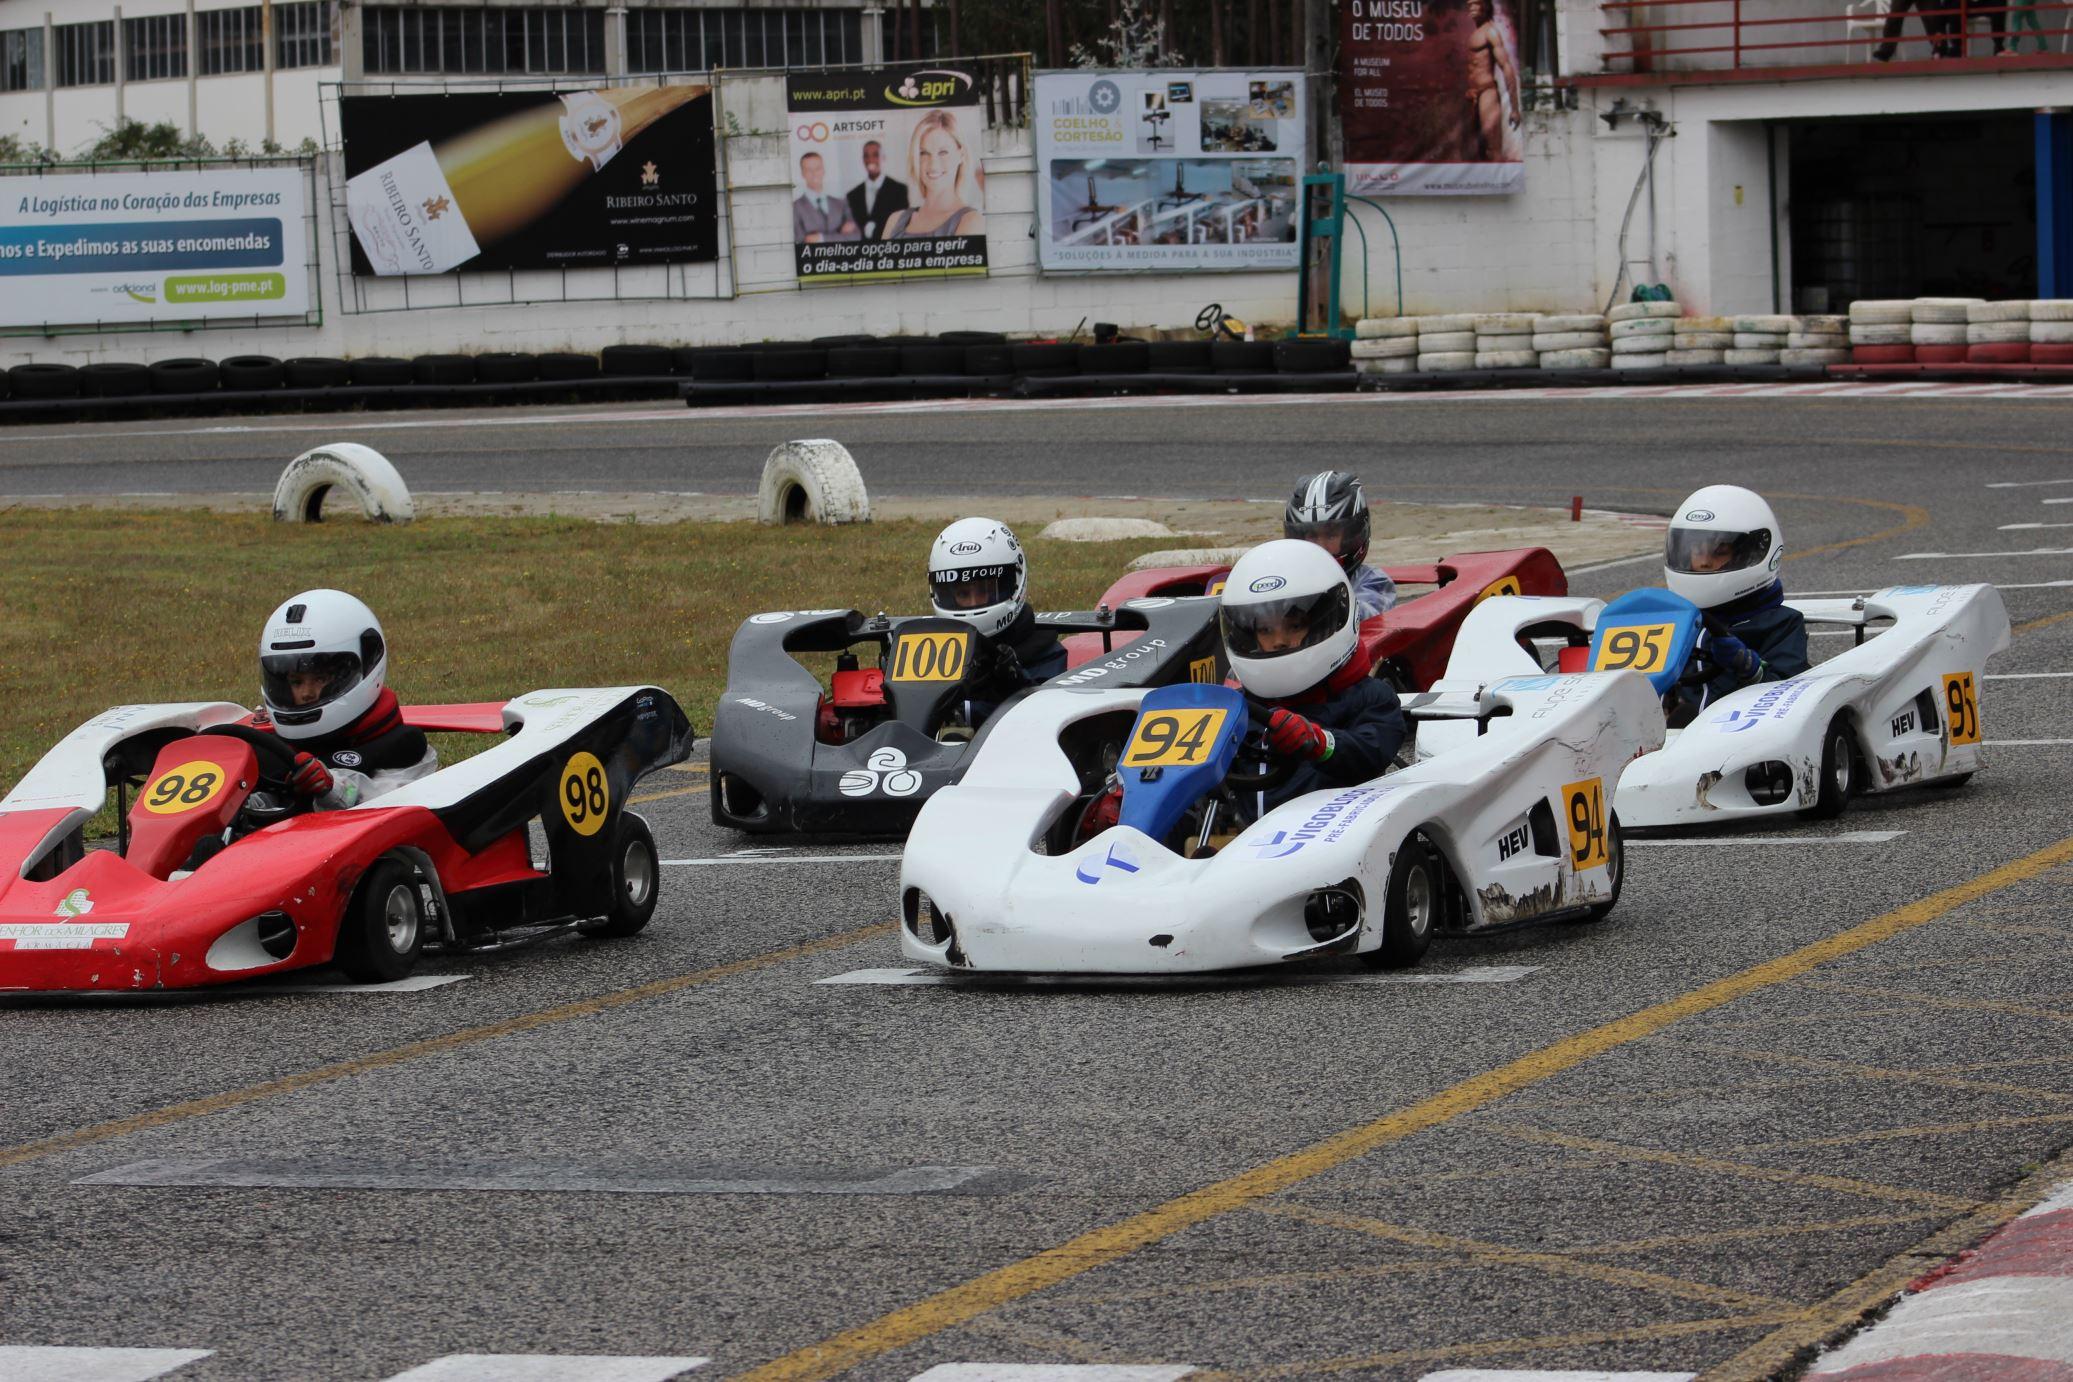 Troféu Honda 2014 - 2ª Prova146